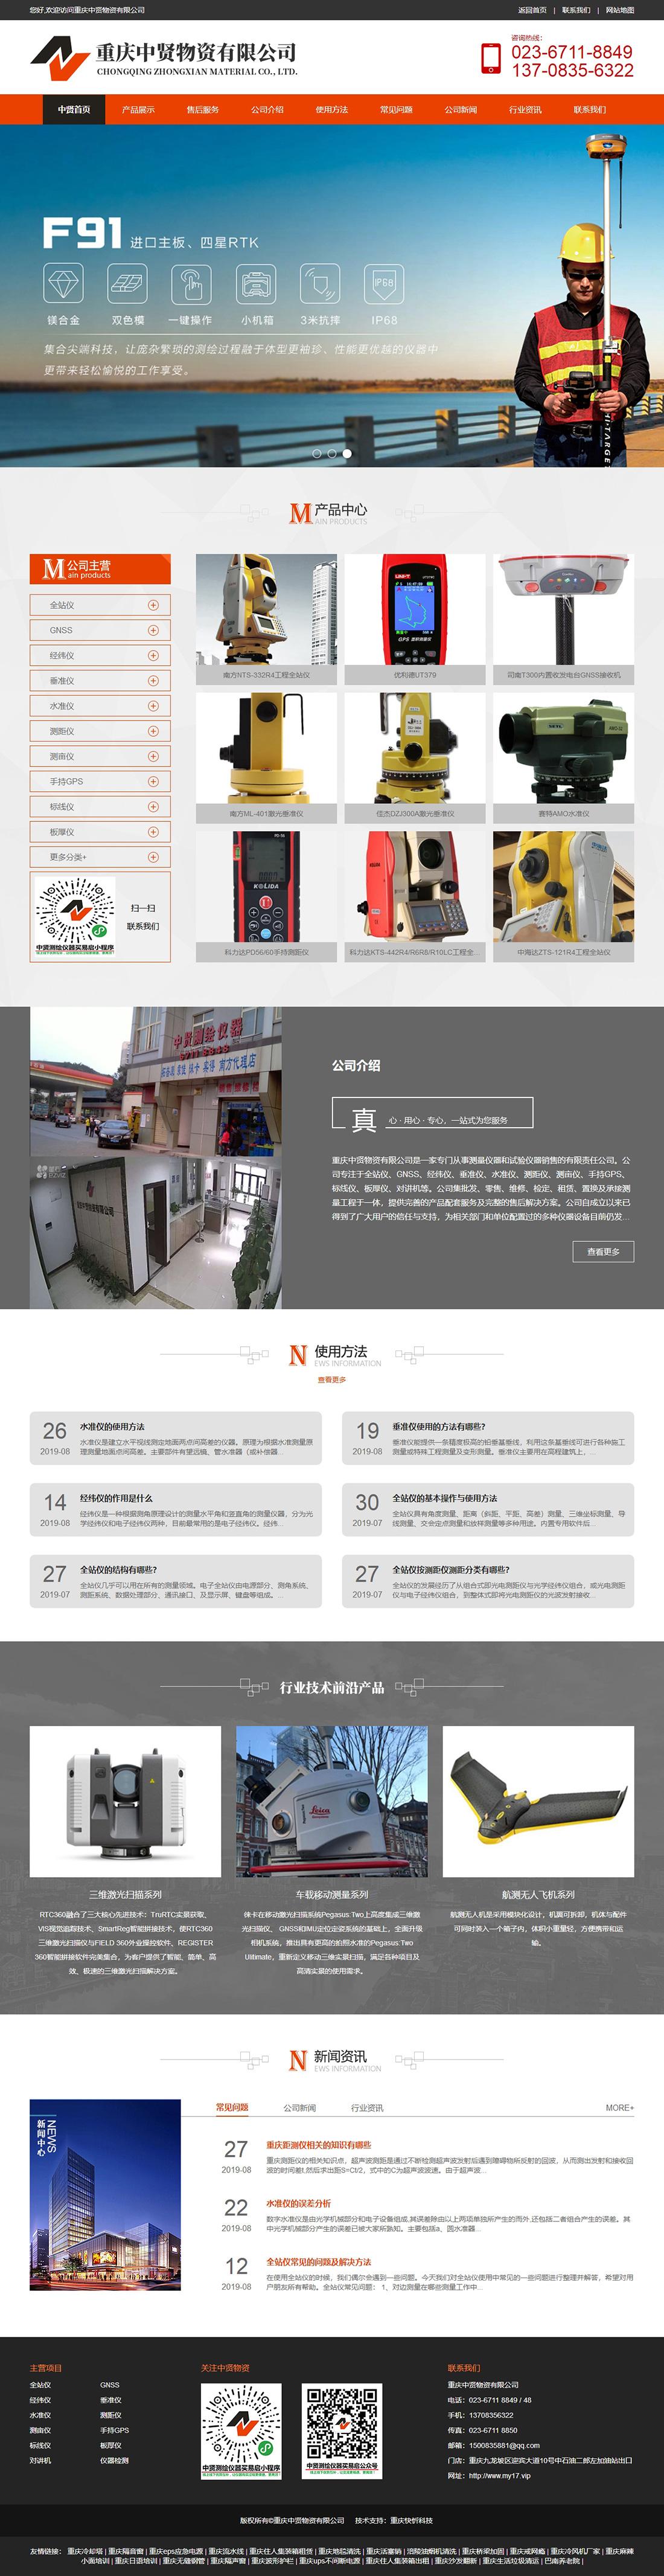 重庆中贤物资有限公司网站制作案